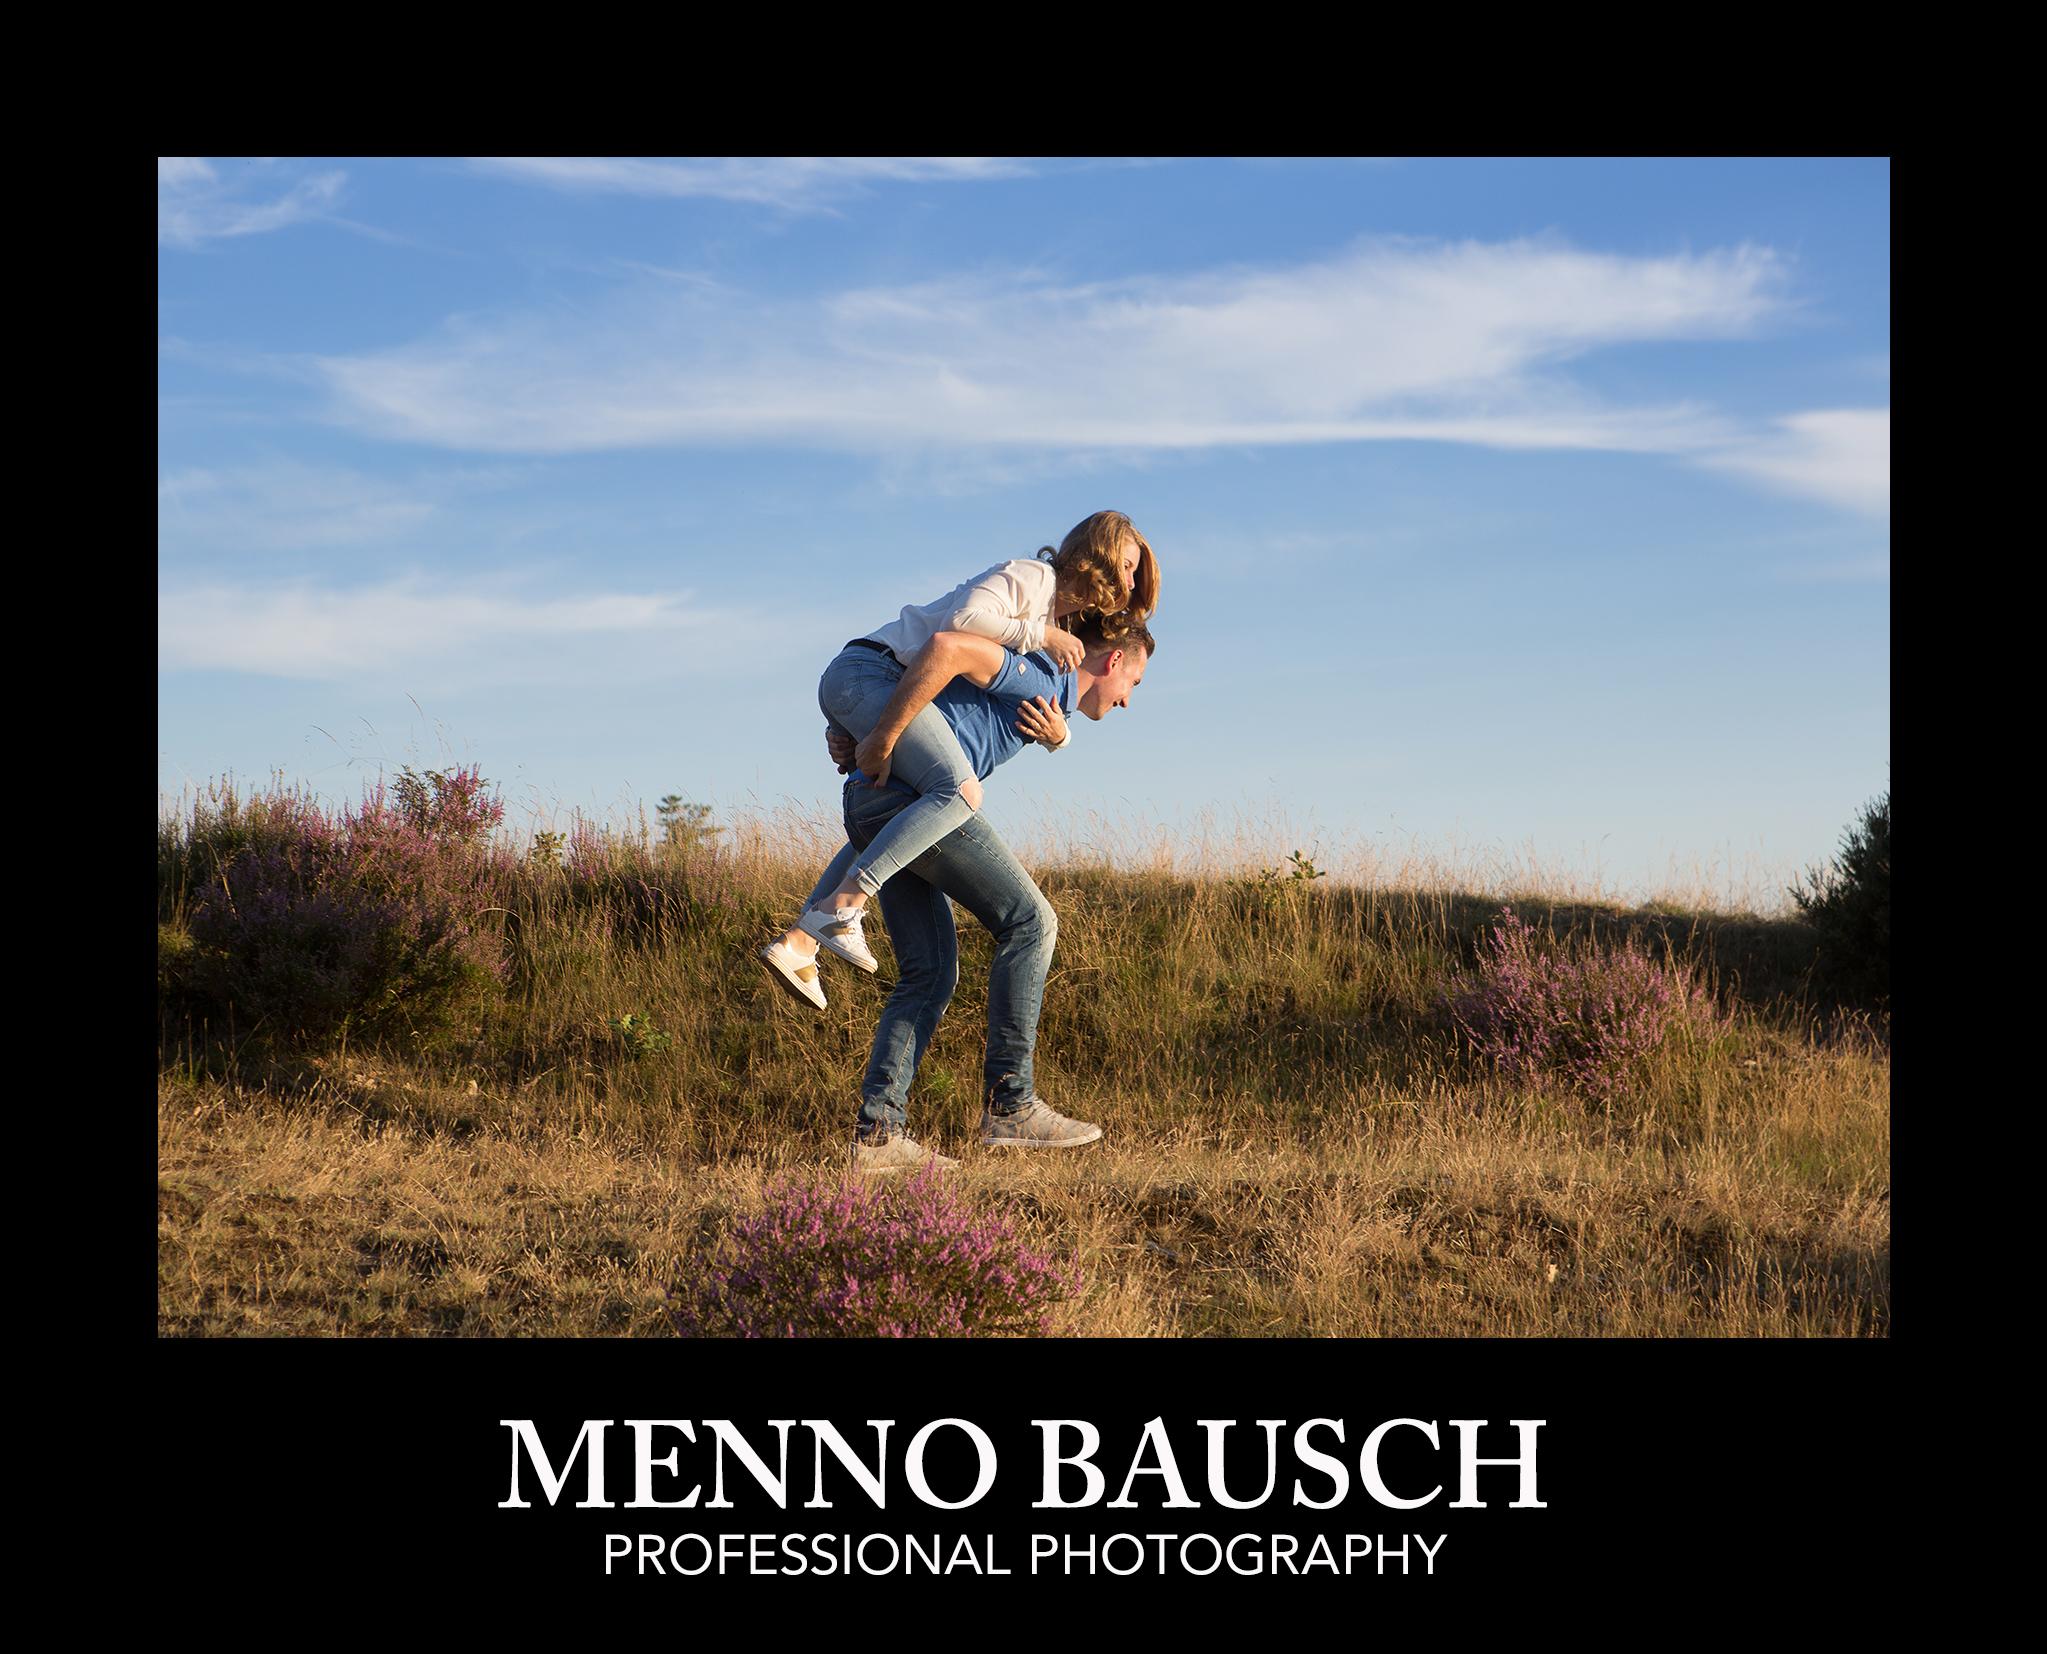 Copyright Menno Bausch Fotografie